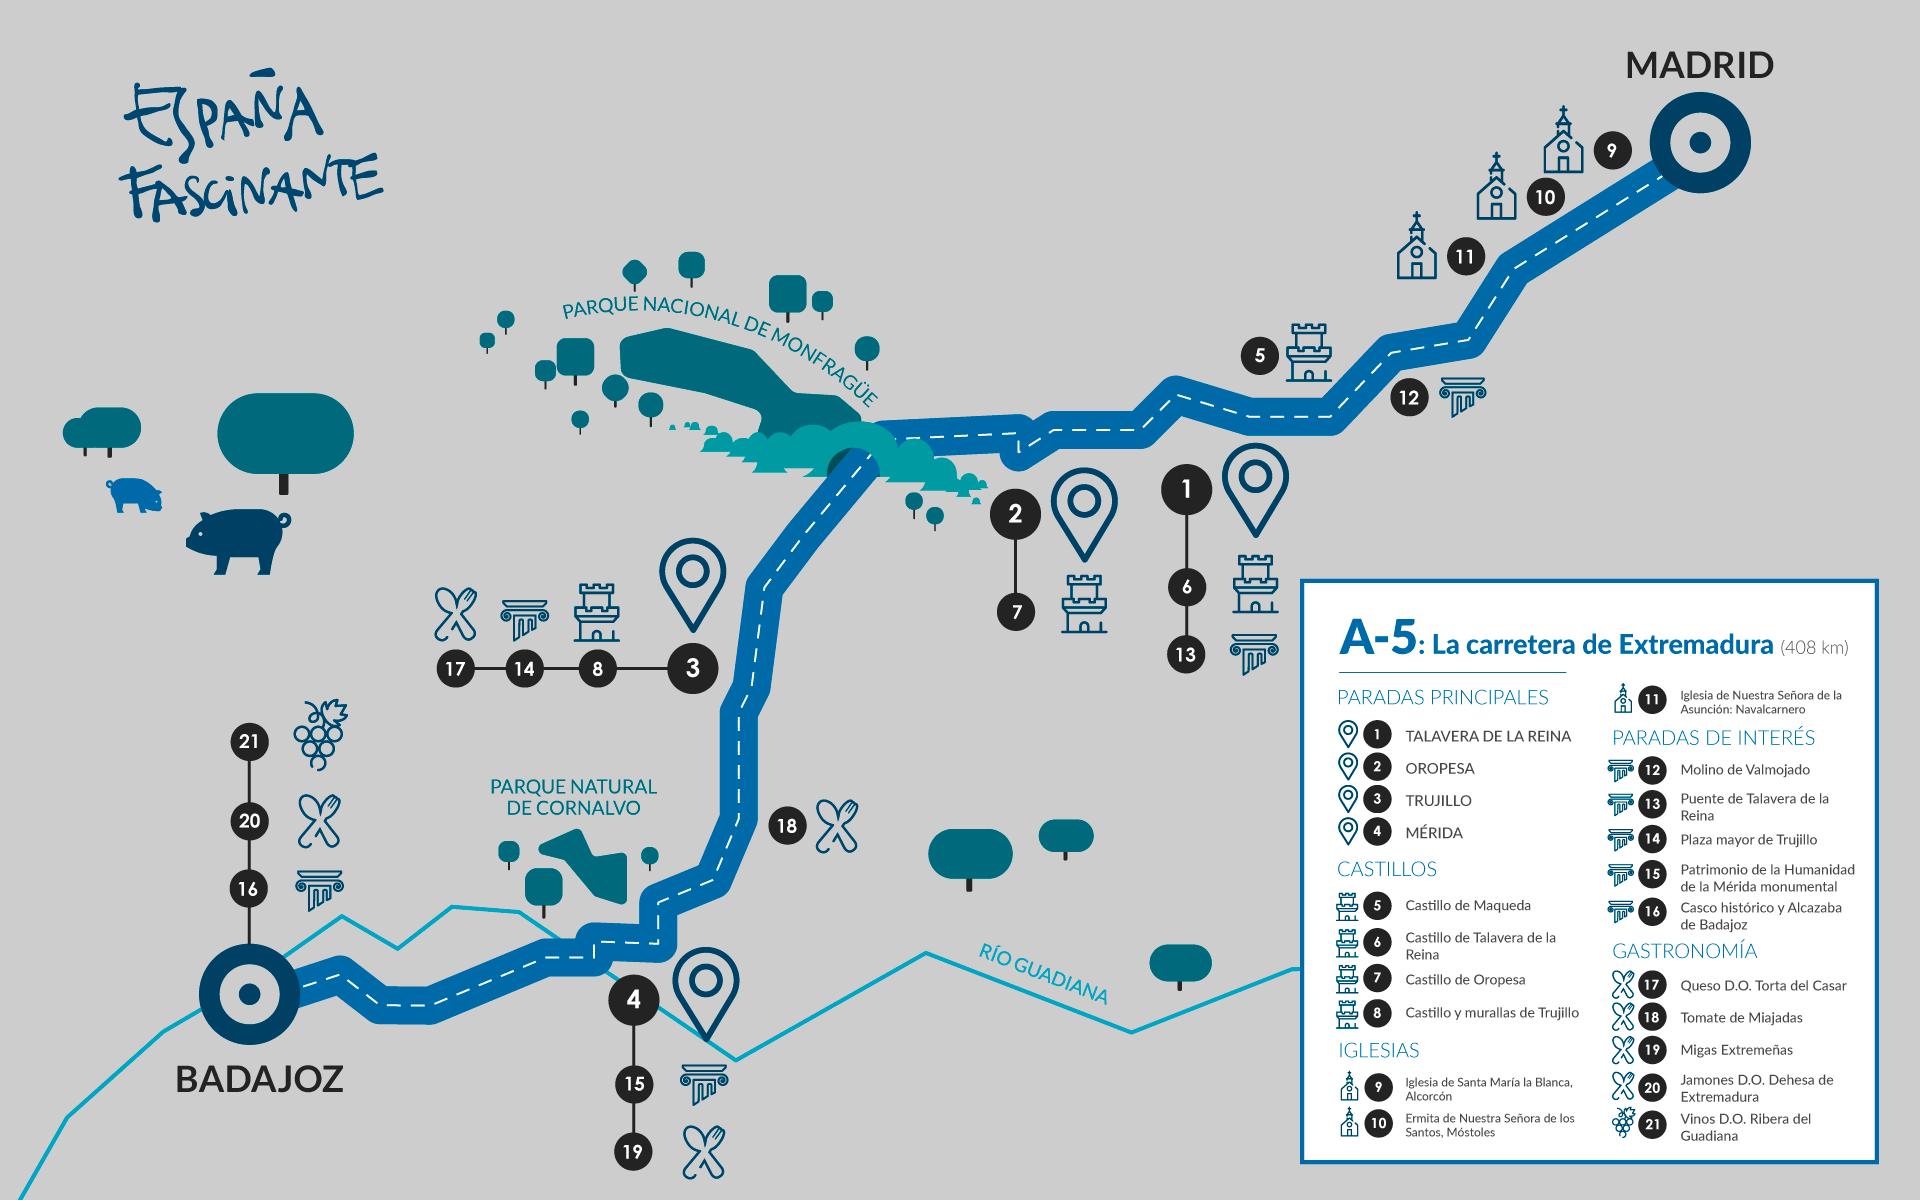 Mapa práctico sobre la carretera de Extremadura